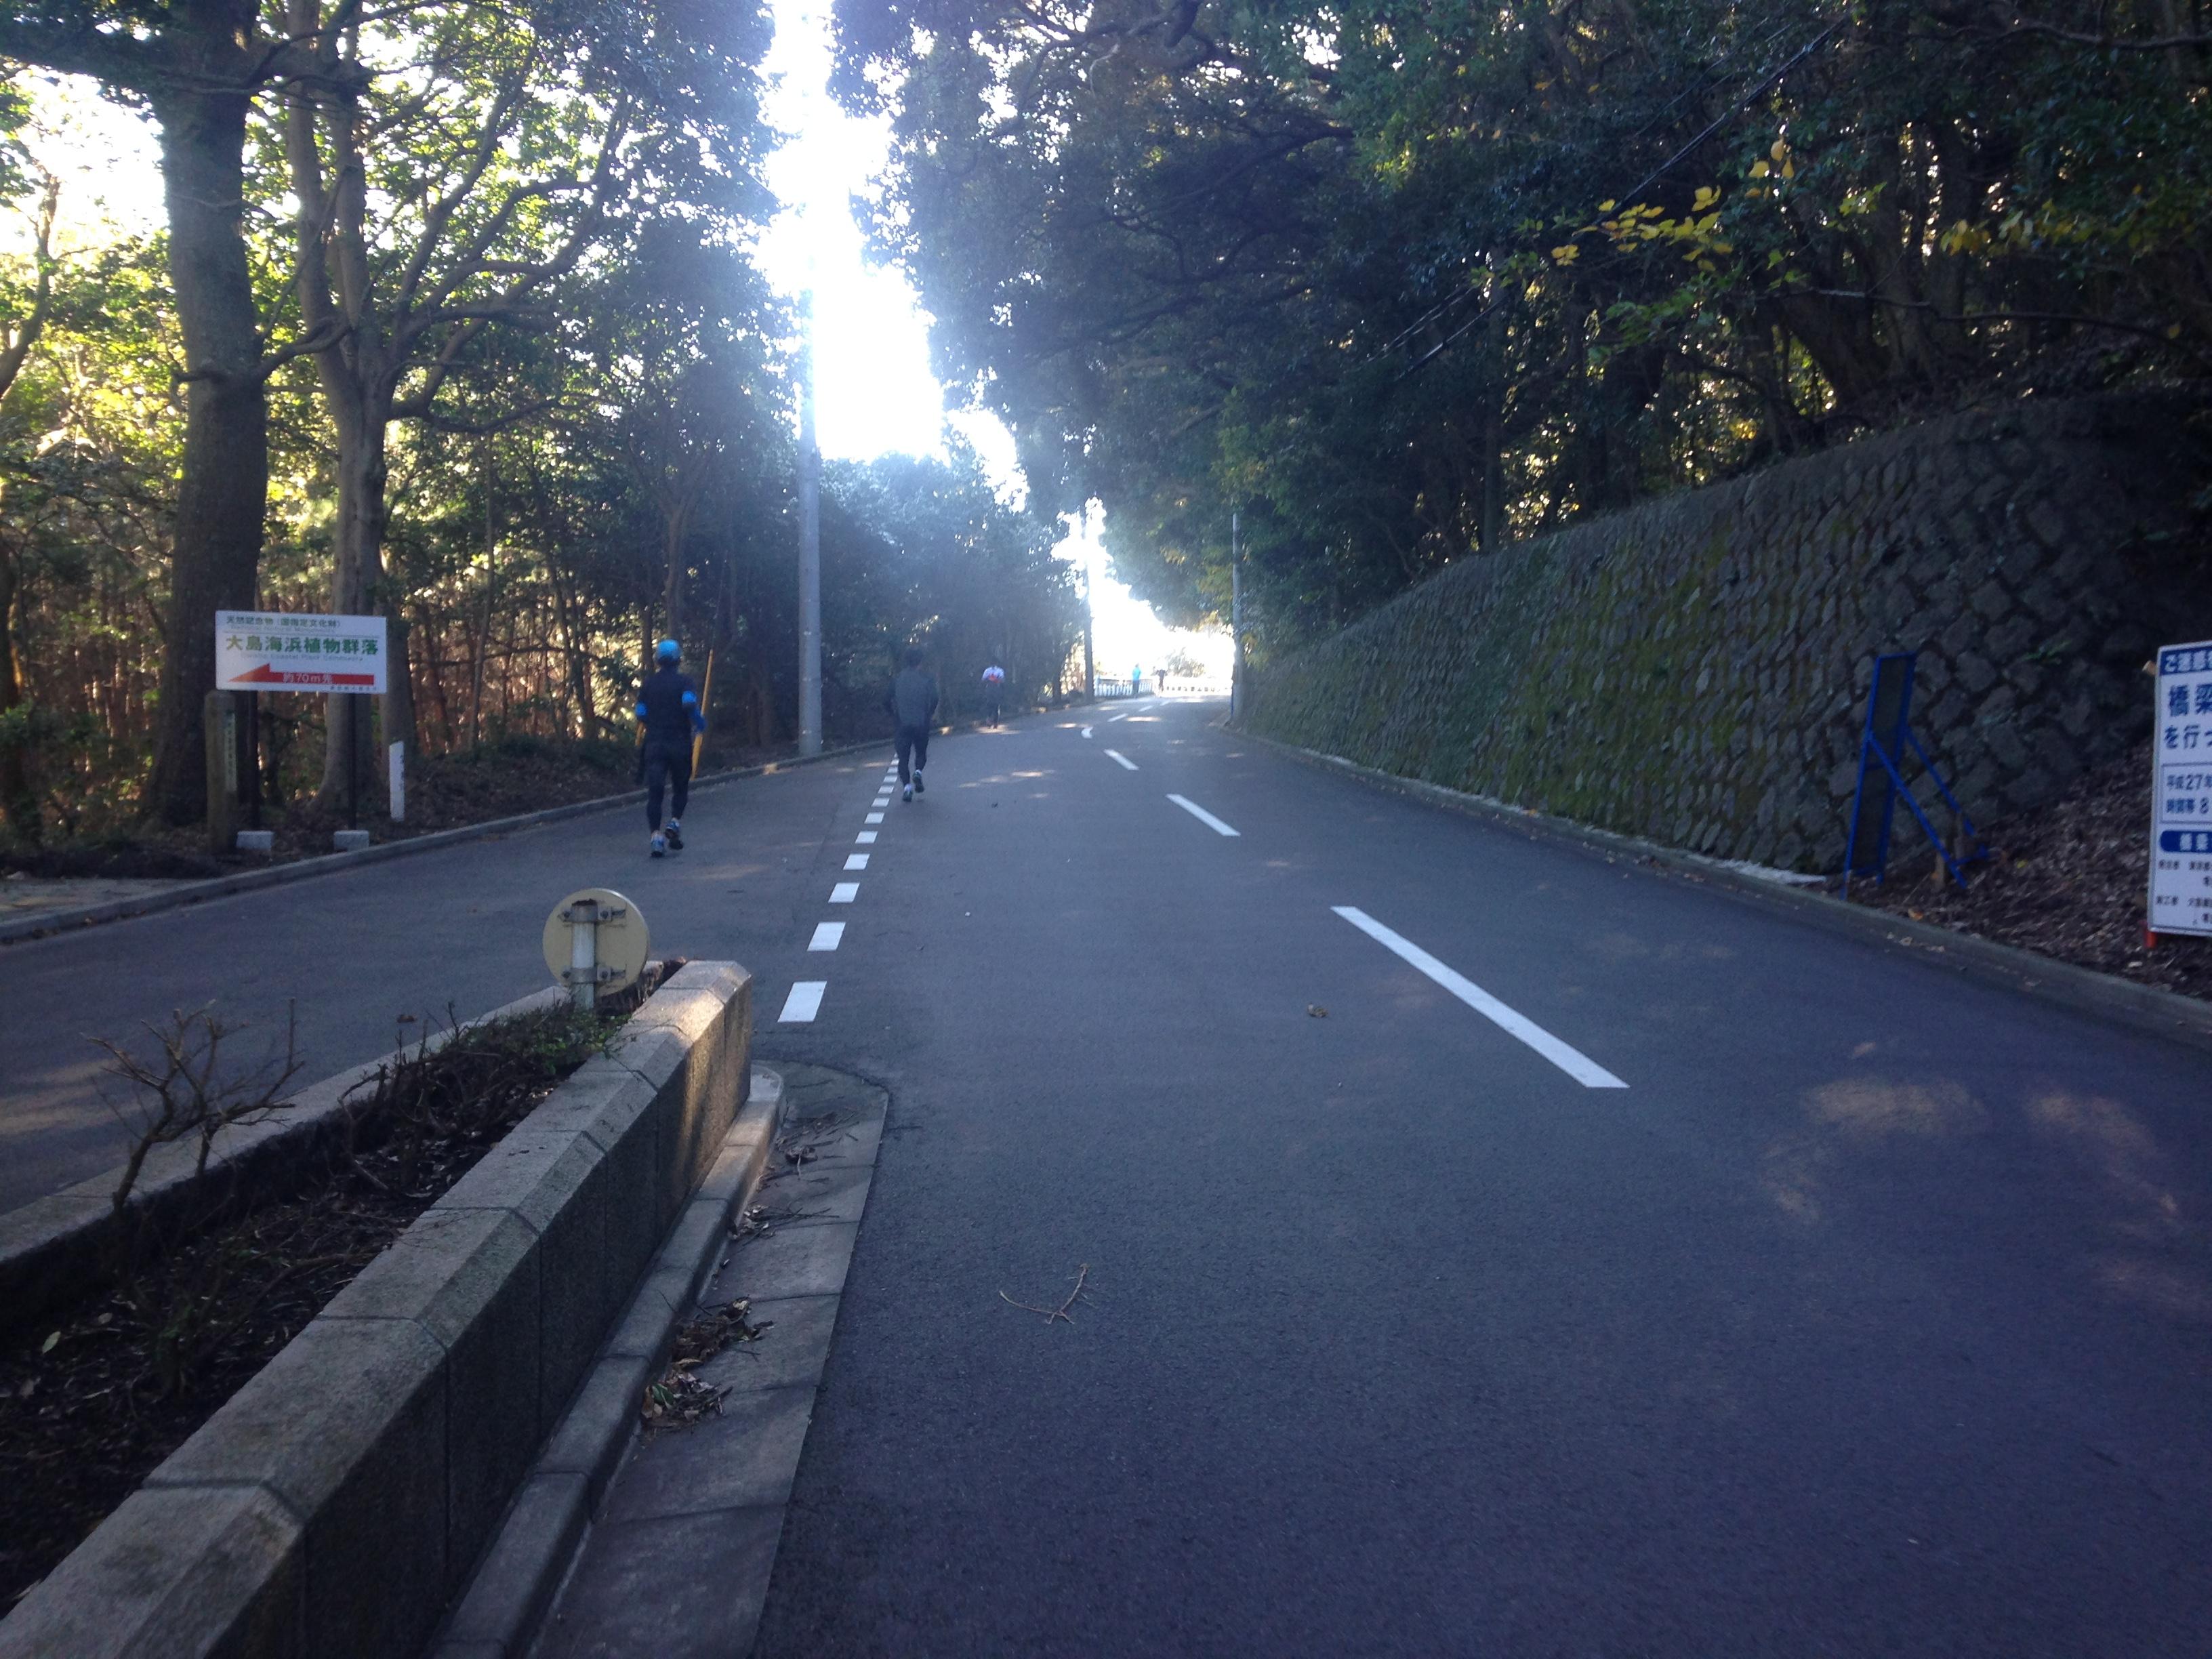 第4回伊豆大島マラソン!腸脛靭帯炎の再発でつらく苦しい42.195kmに。その4